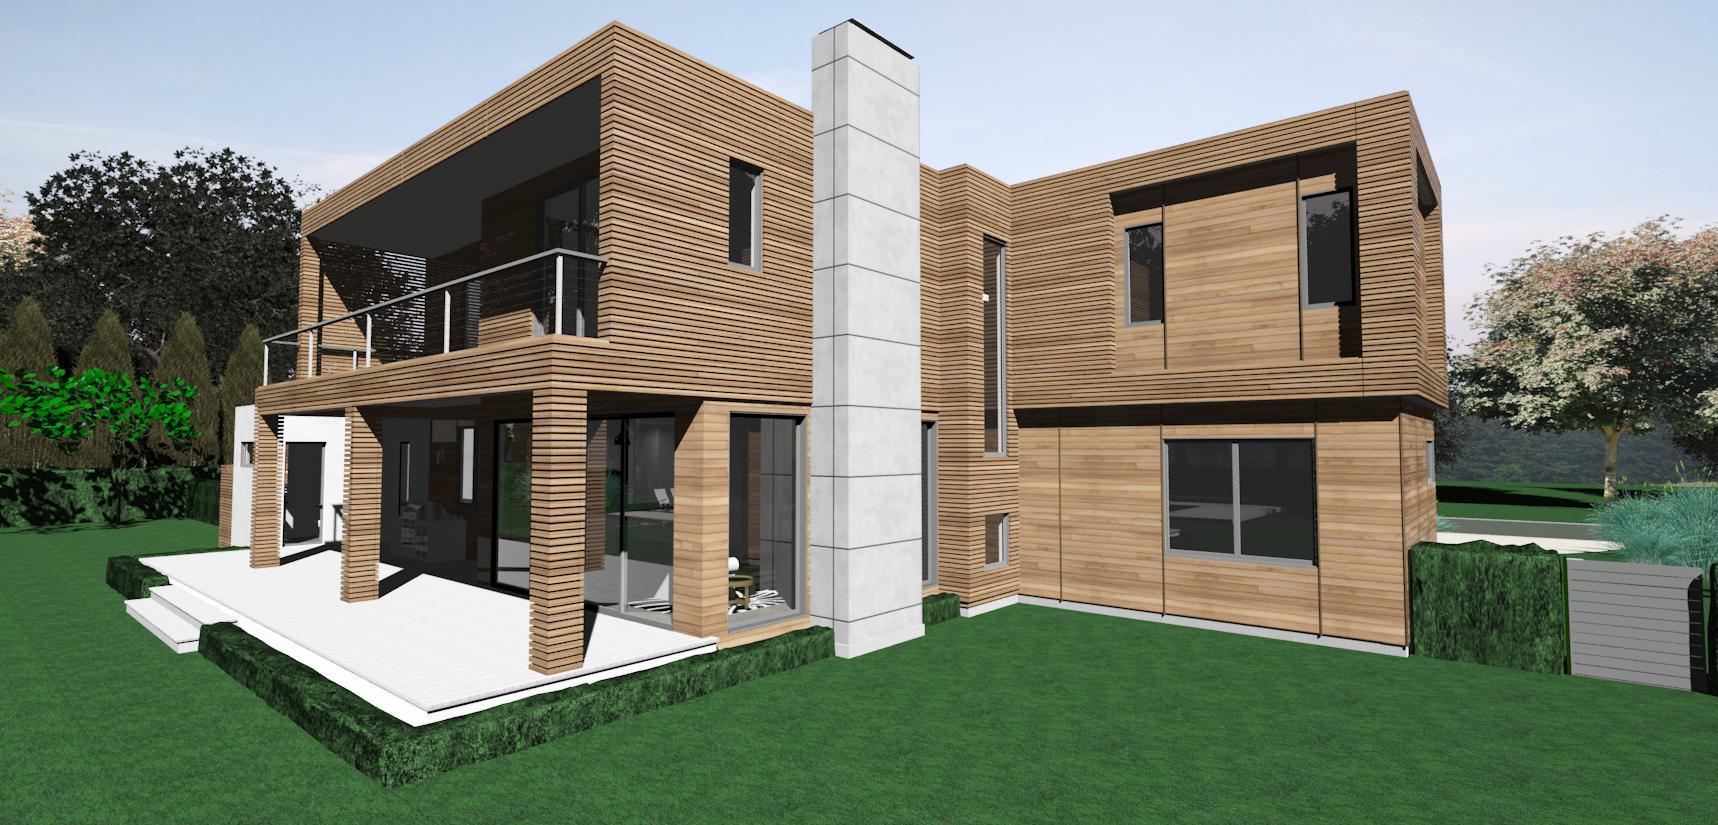 Rear facade